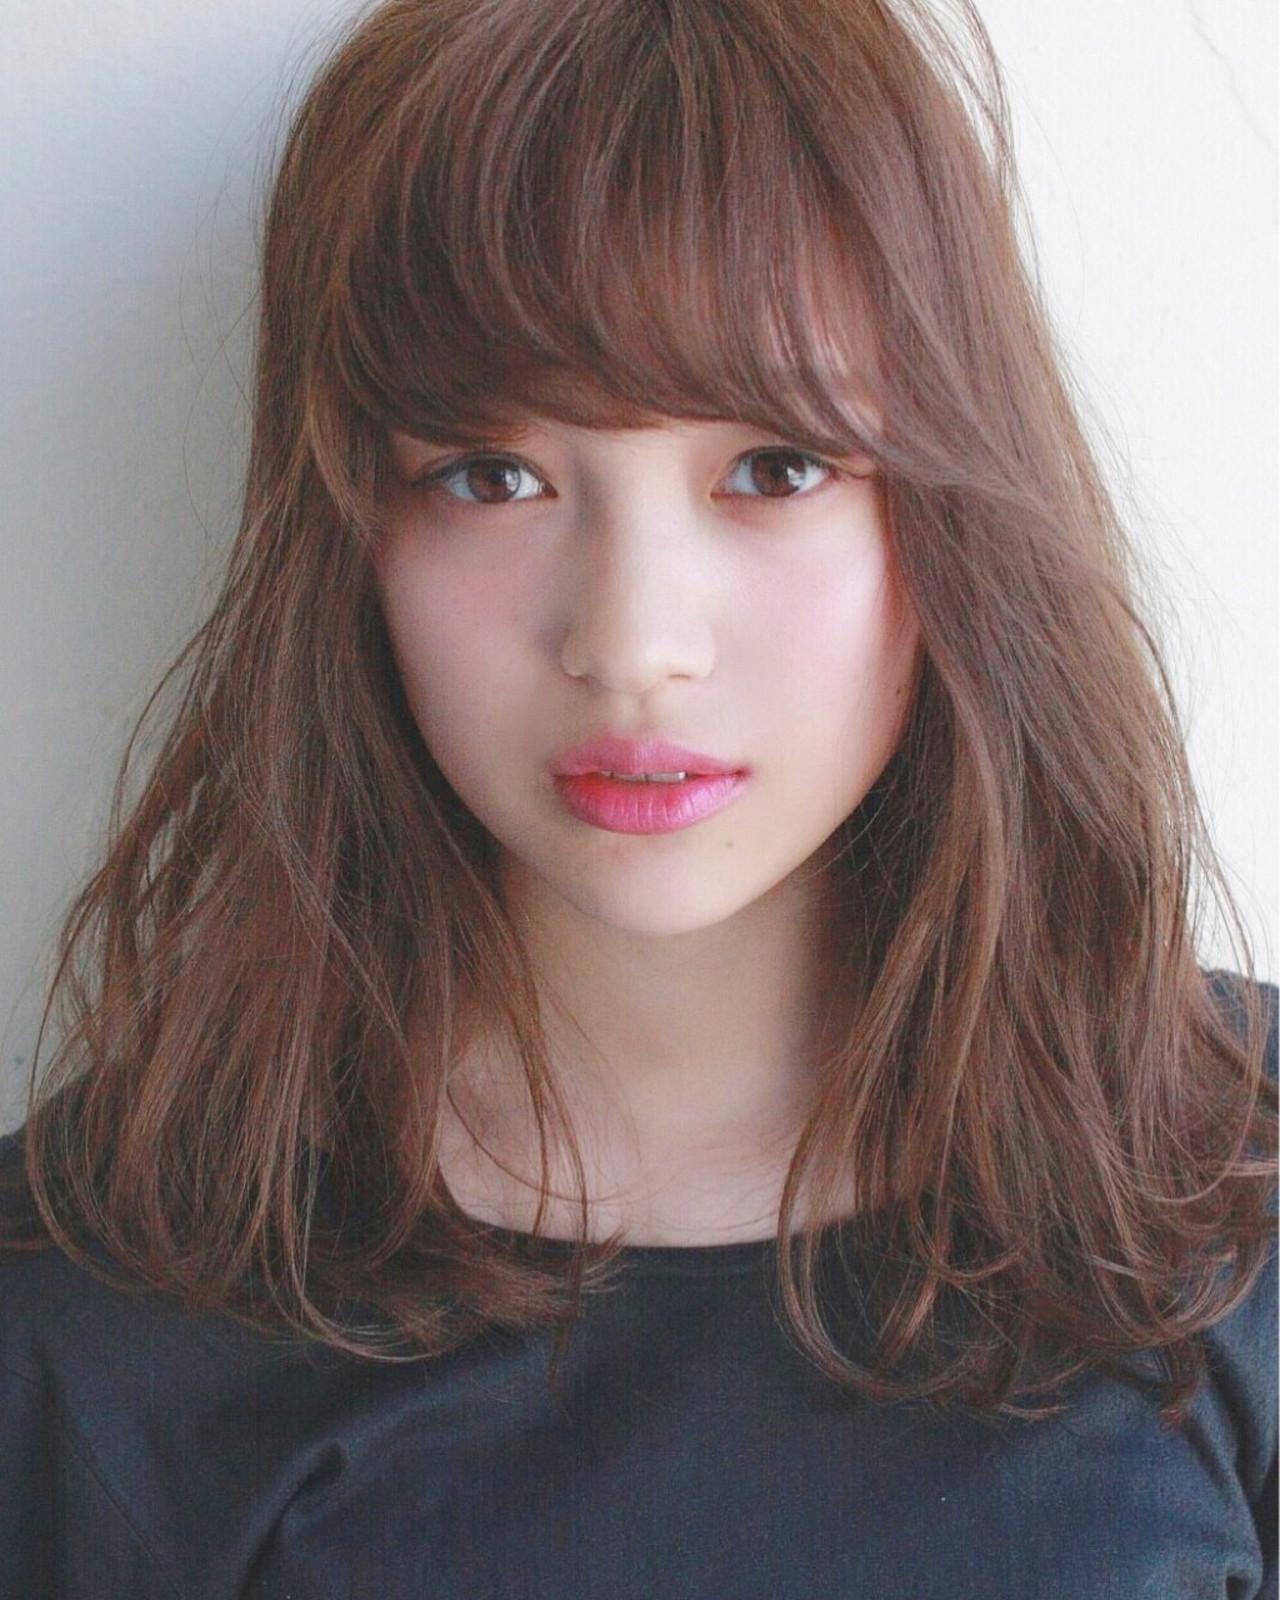 梅雨 ウェーブ アンニュイ リラックス ヘアスタイルや髪型の写真・画像 | Mirai / enntaku